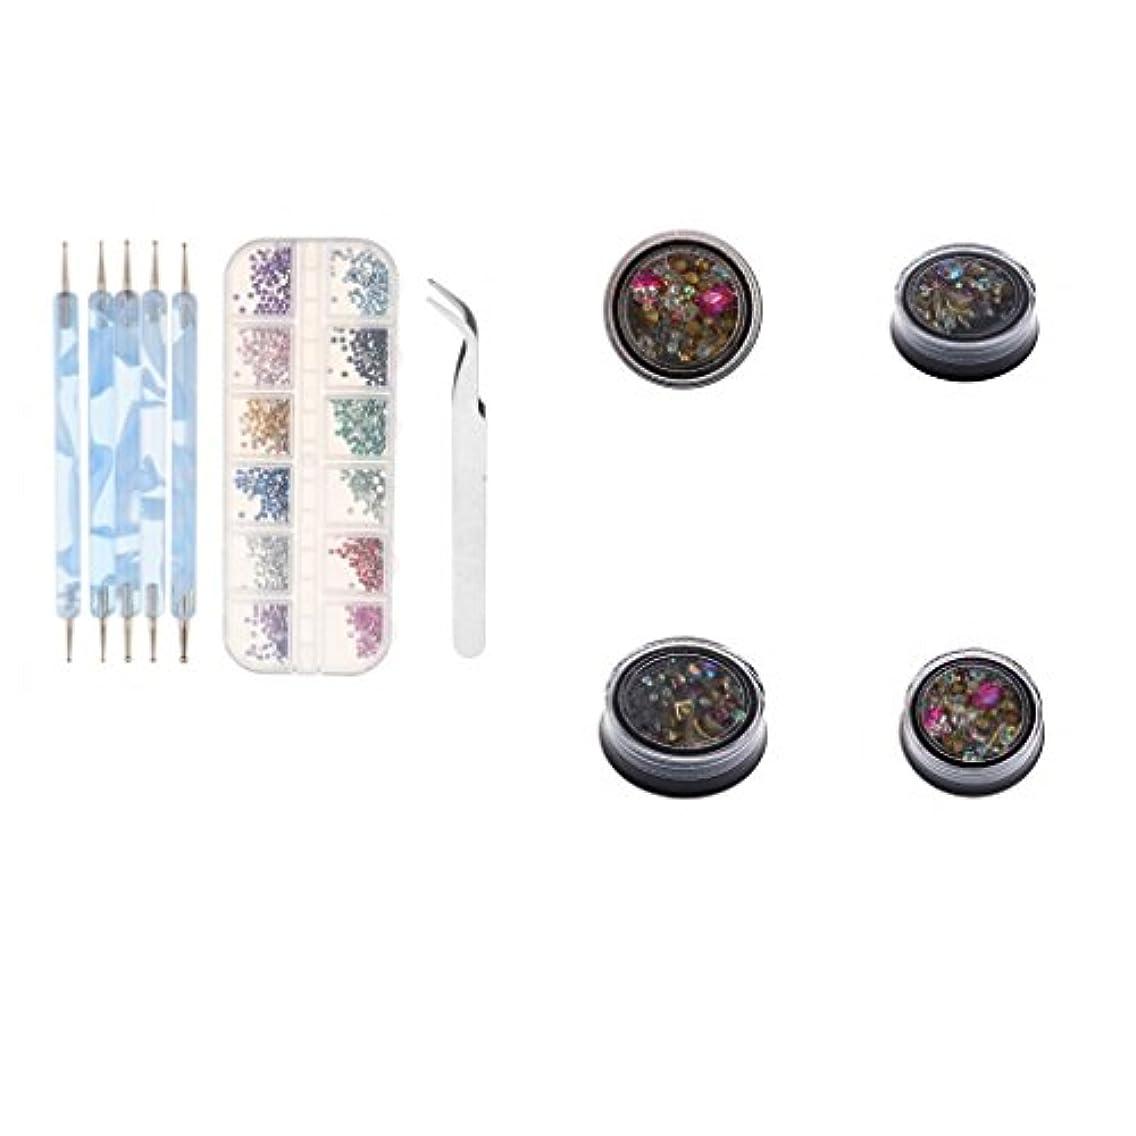 ブルジョンある口径CUTICATE 混合色のラインストーン付きの5本のネイルアート点描ペイントブラシペンキラキラのヒント